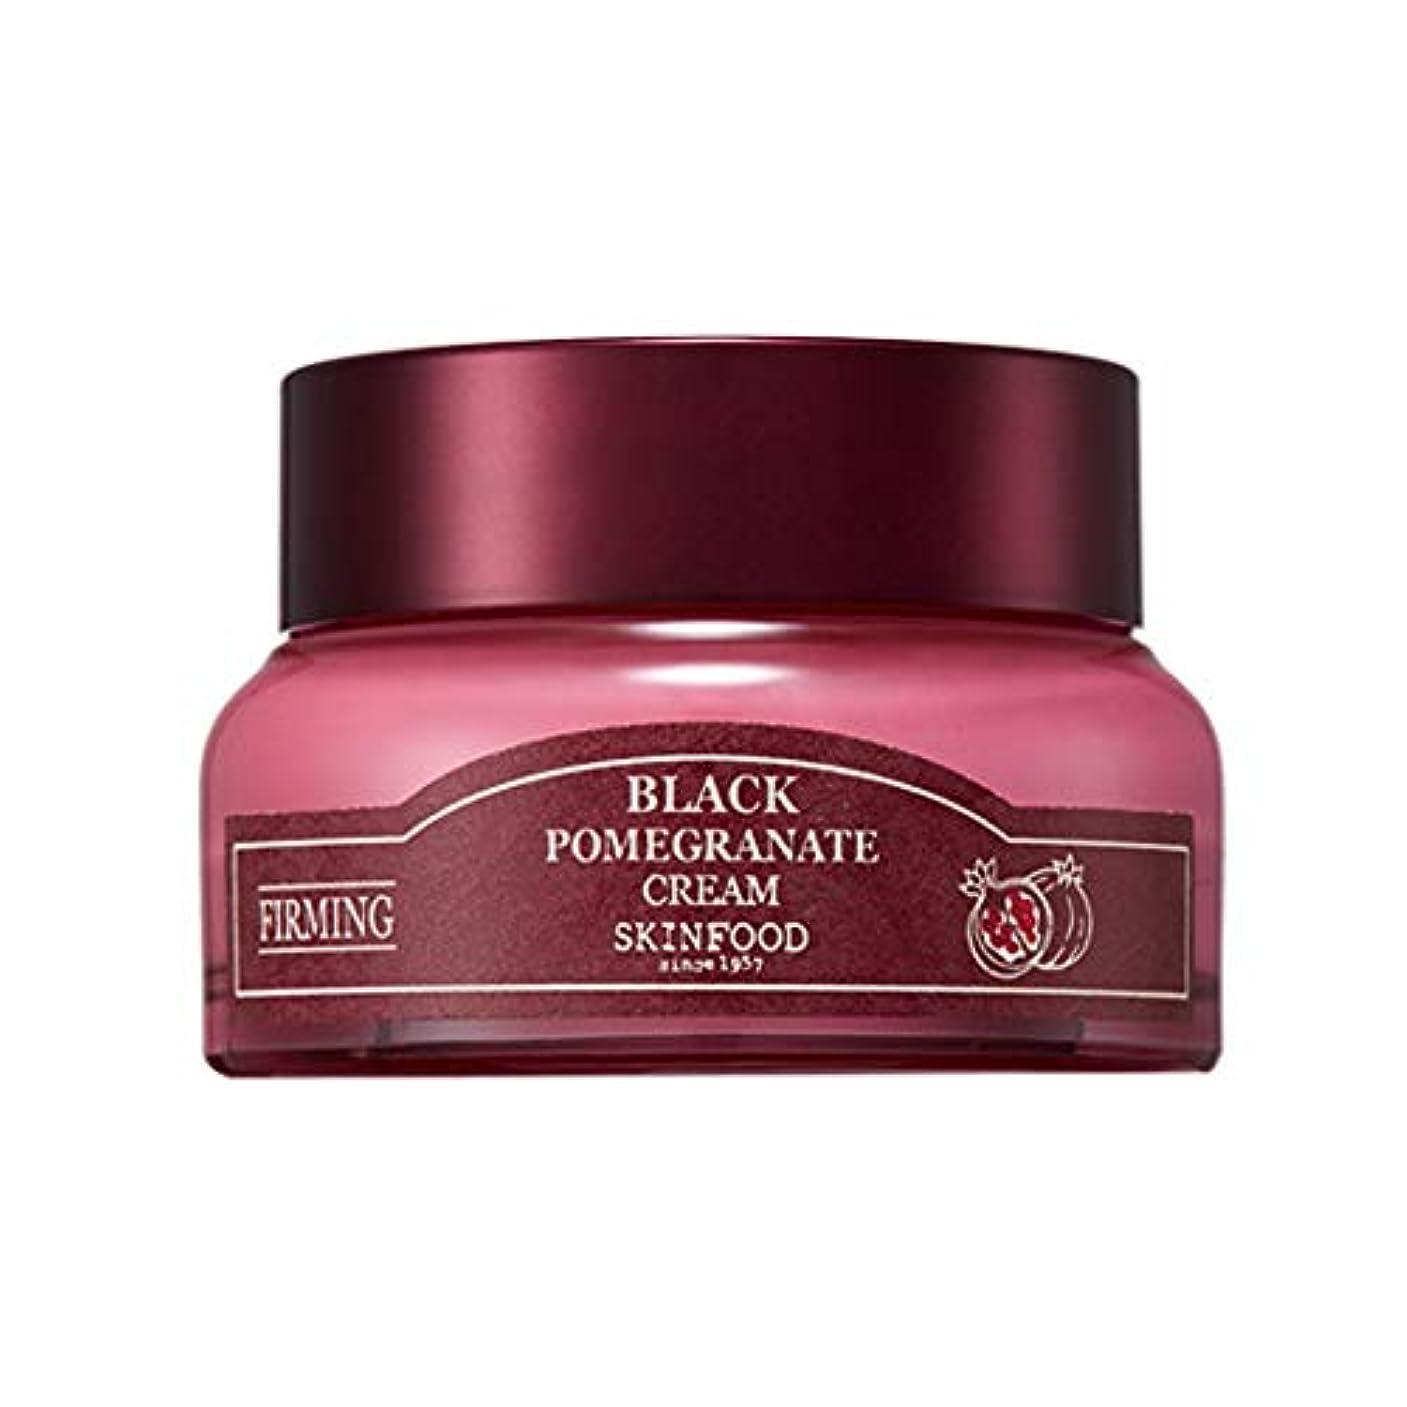 極めてリーク放棄Skinfood 黒ザクロクリーム(しわ防止効果) / Black Pomegranate Cream (Anti-Wrinkle Effect) 54ml [並行輸入品]